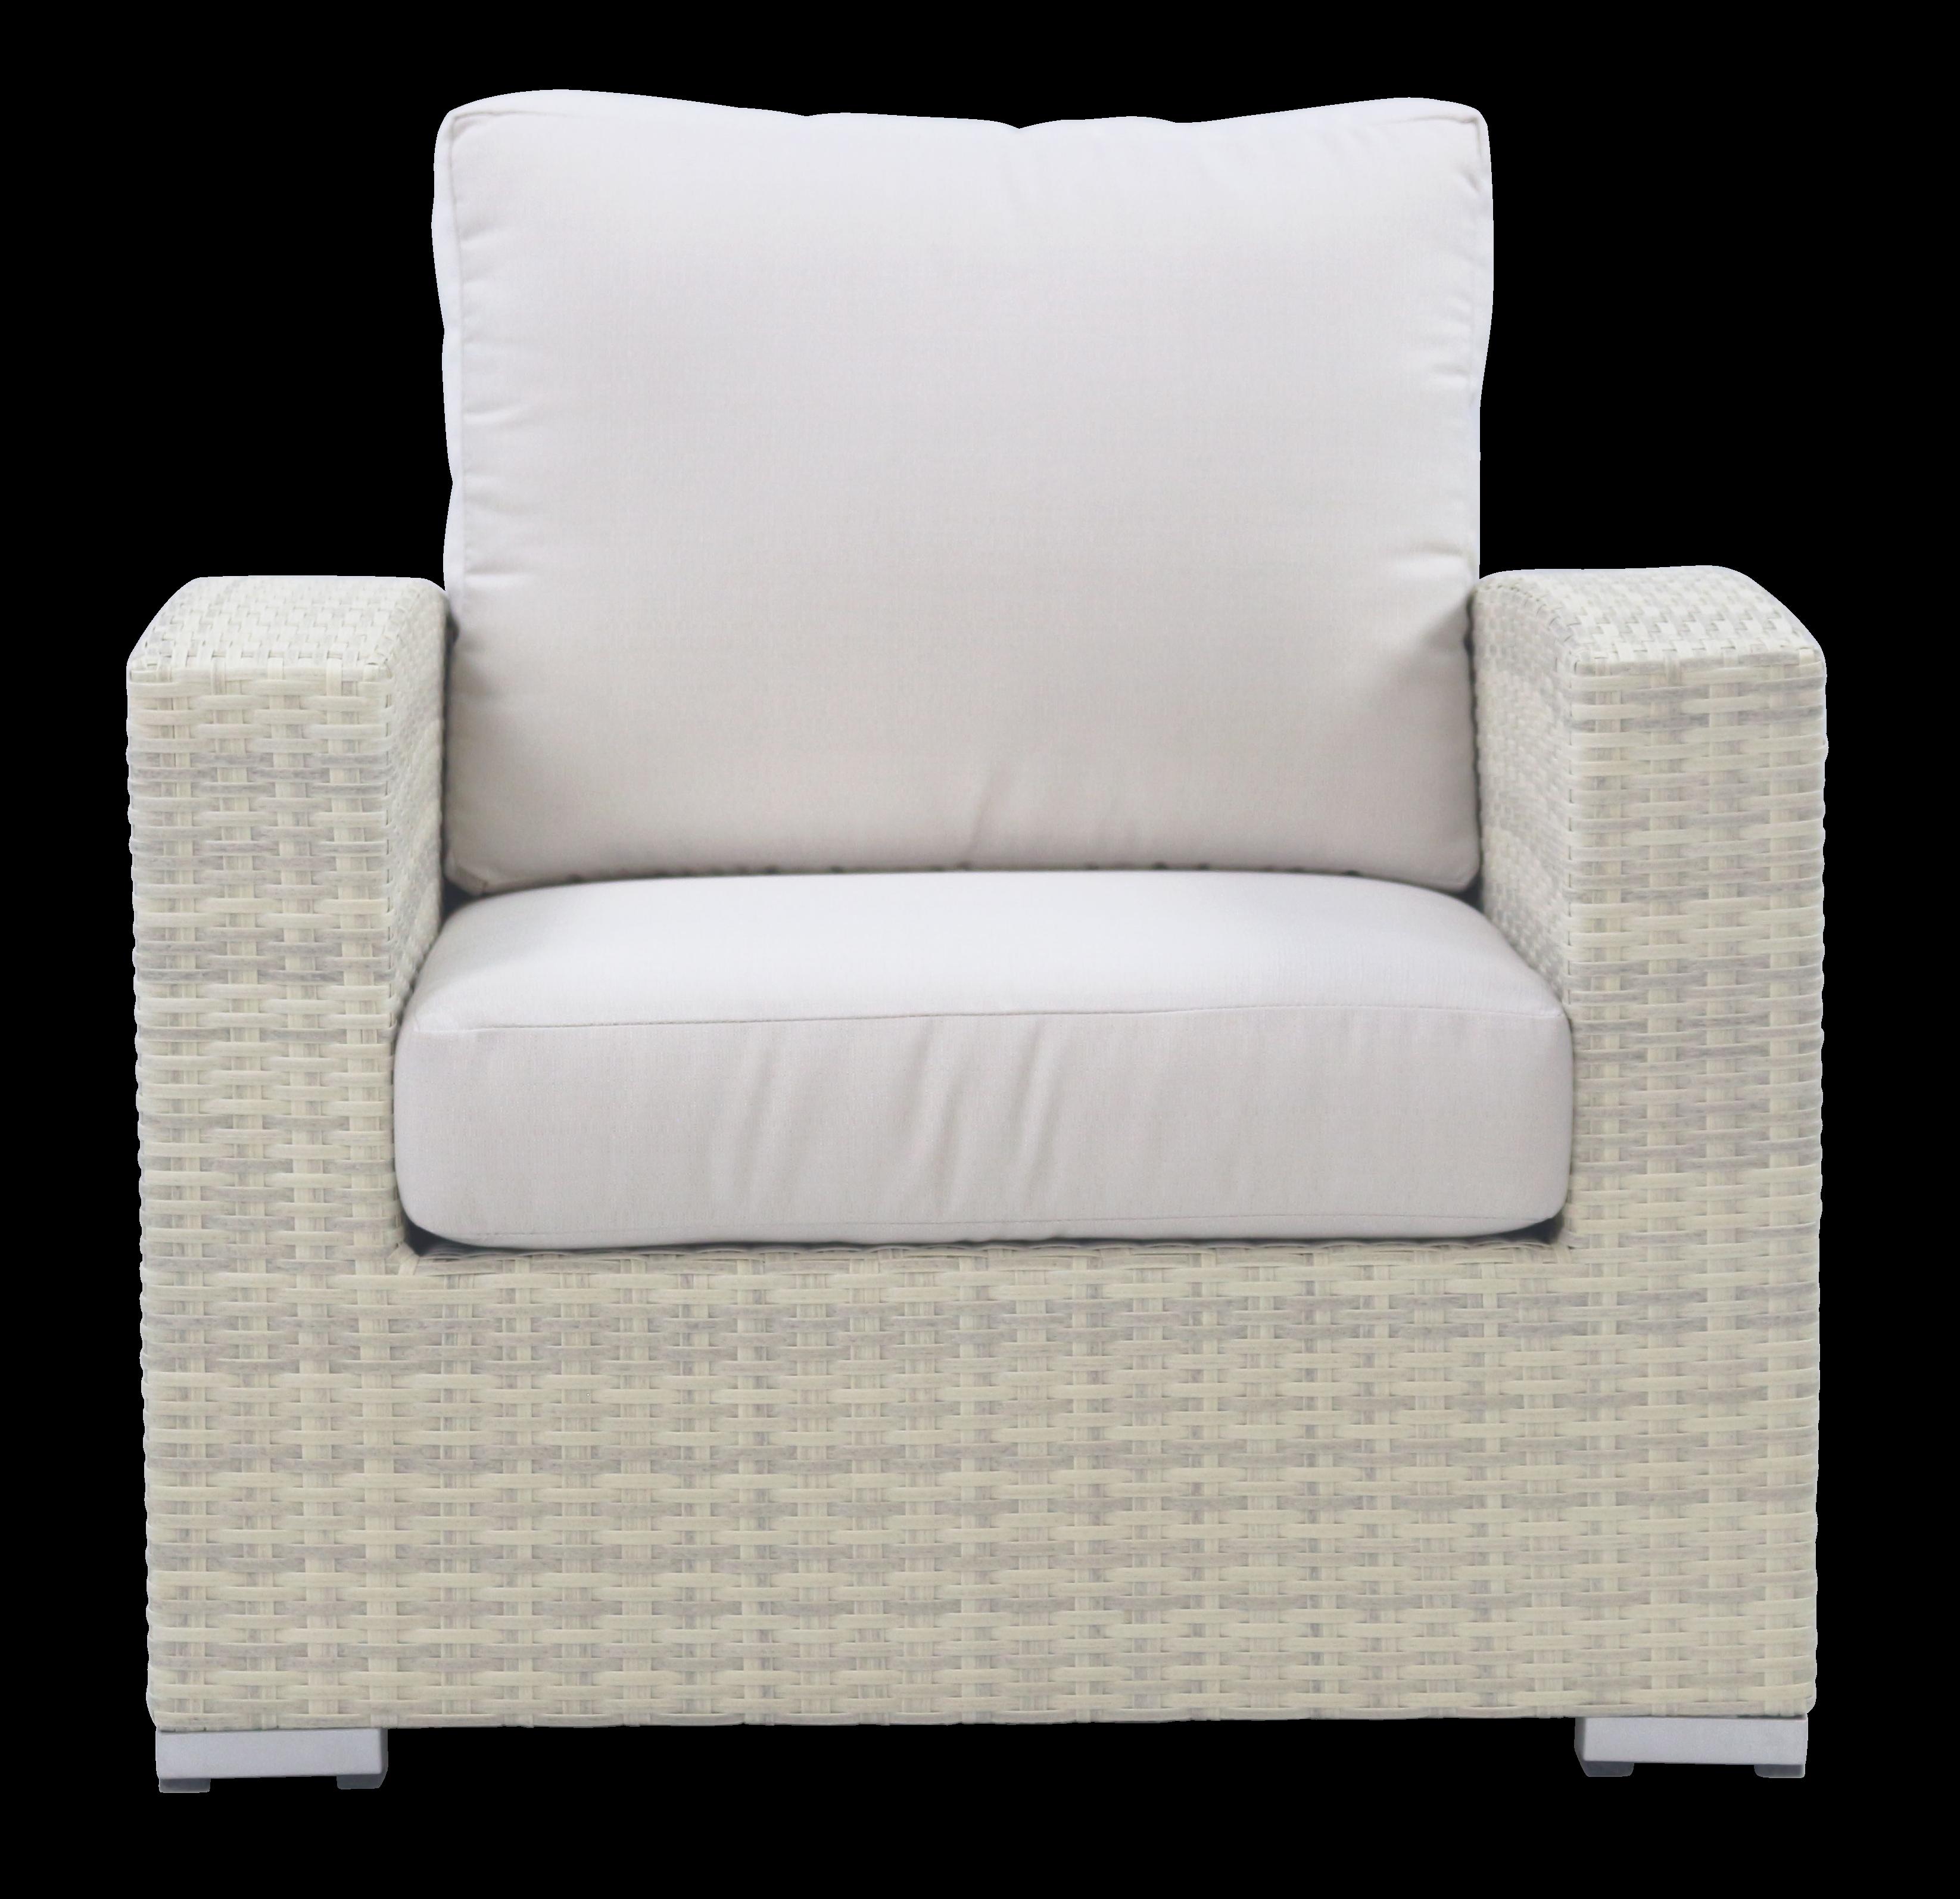 Nola Club Chair Ard Outdoor Toronto